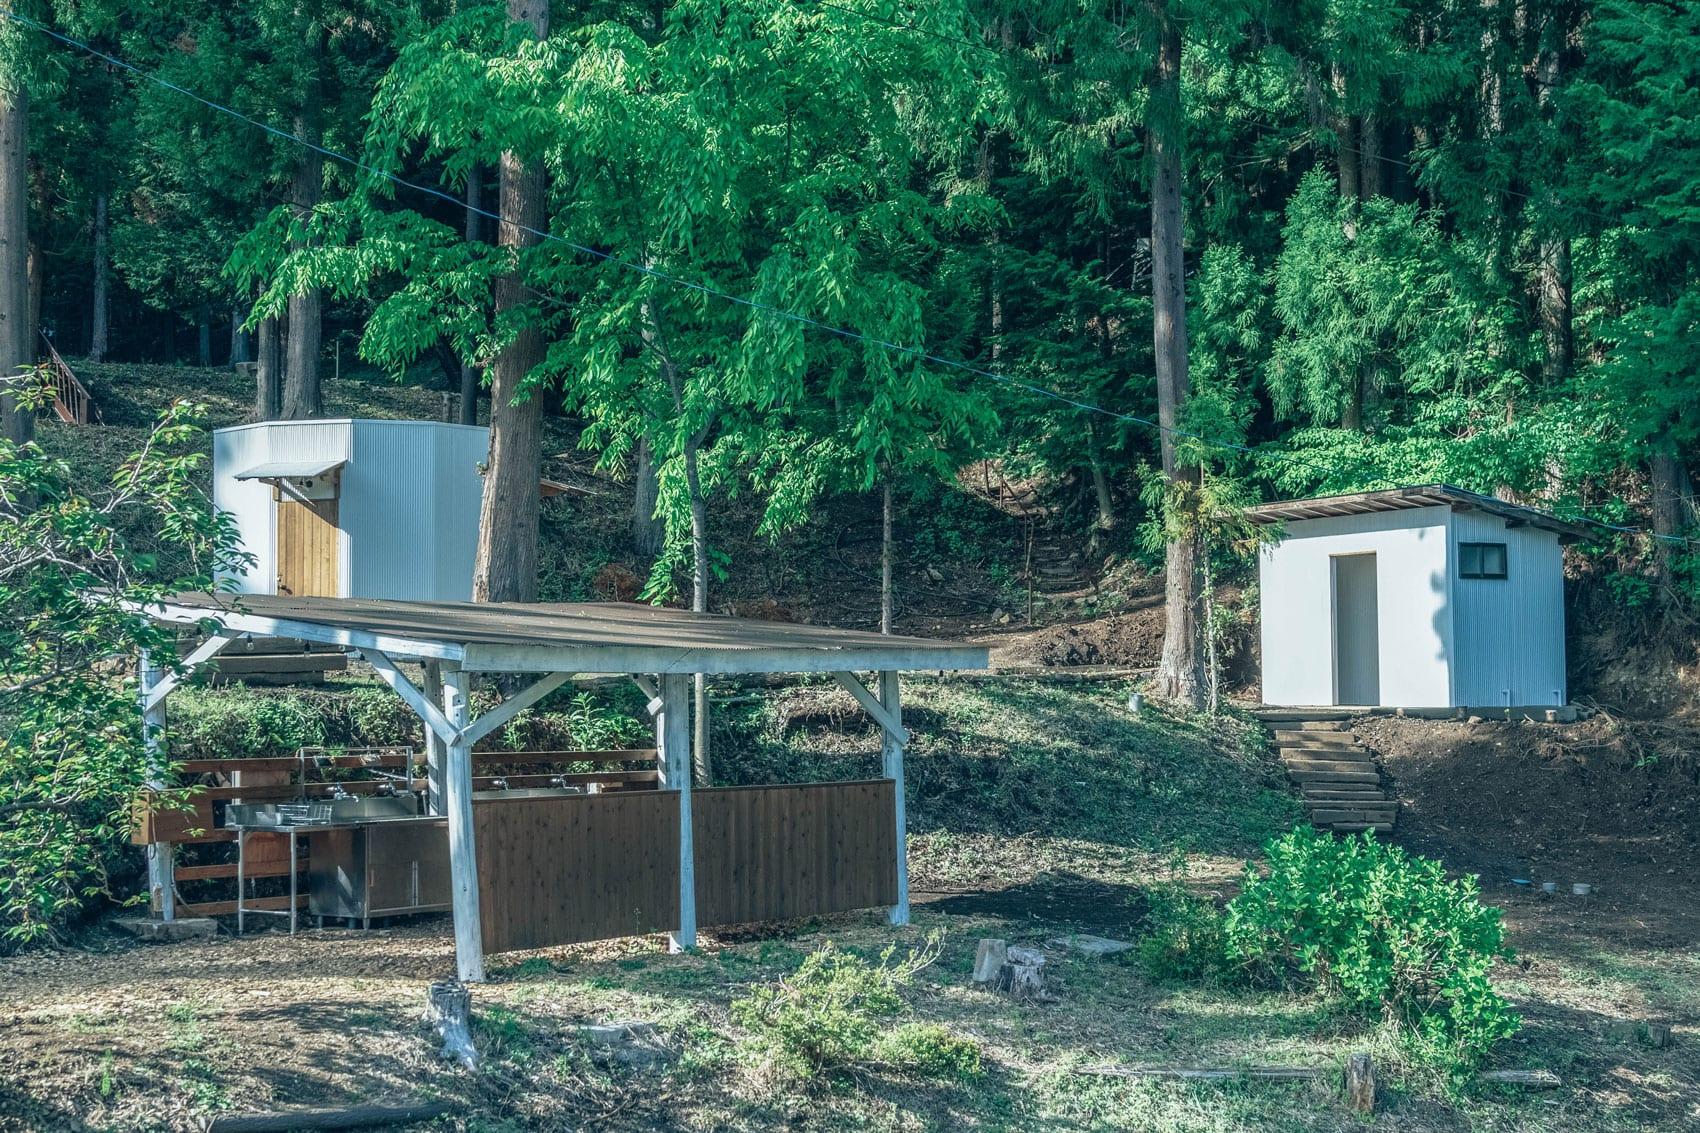 初心者パパ&ママも安心!関東近郊のトイレが綺麗なオートキャンプ場【4選】